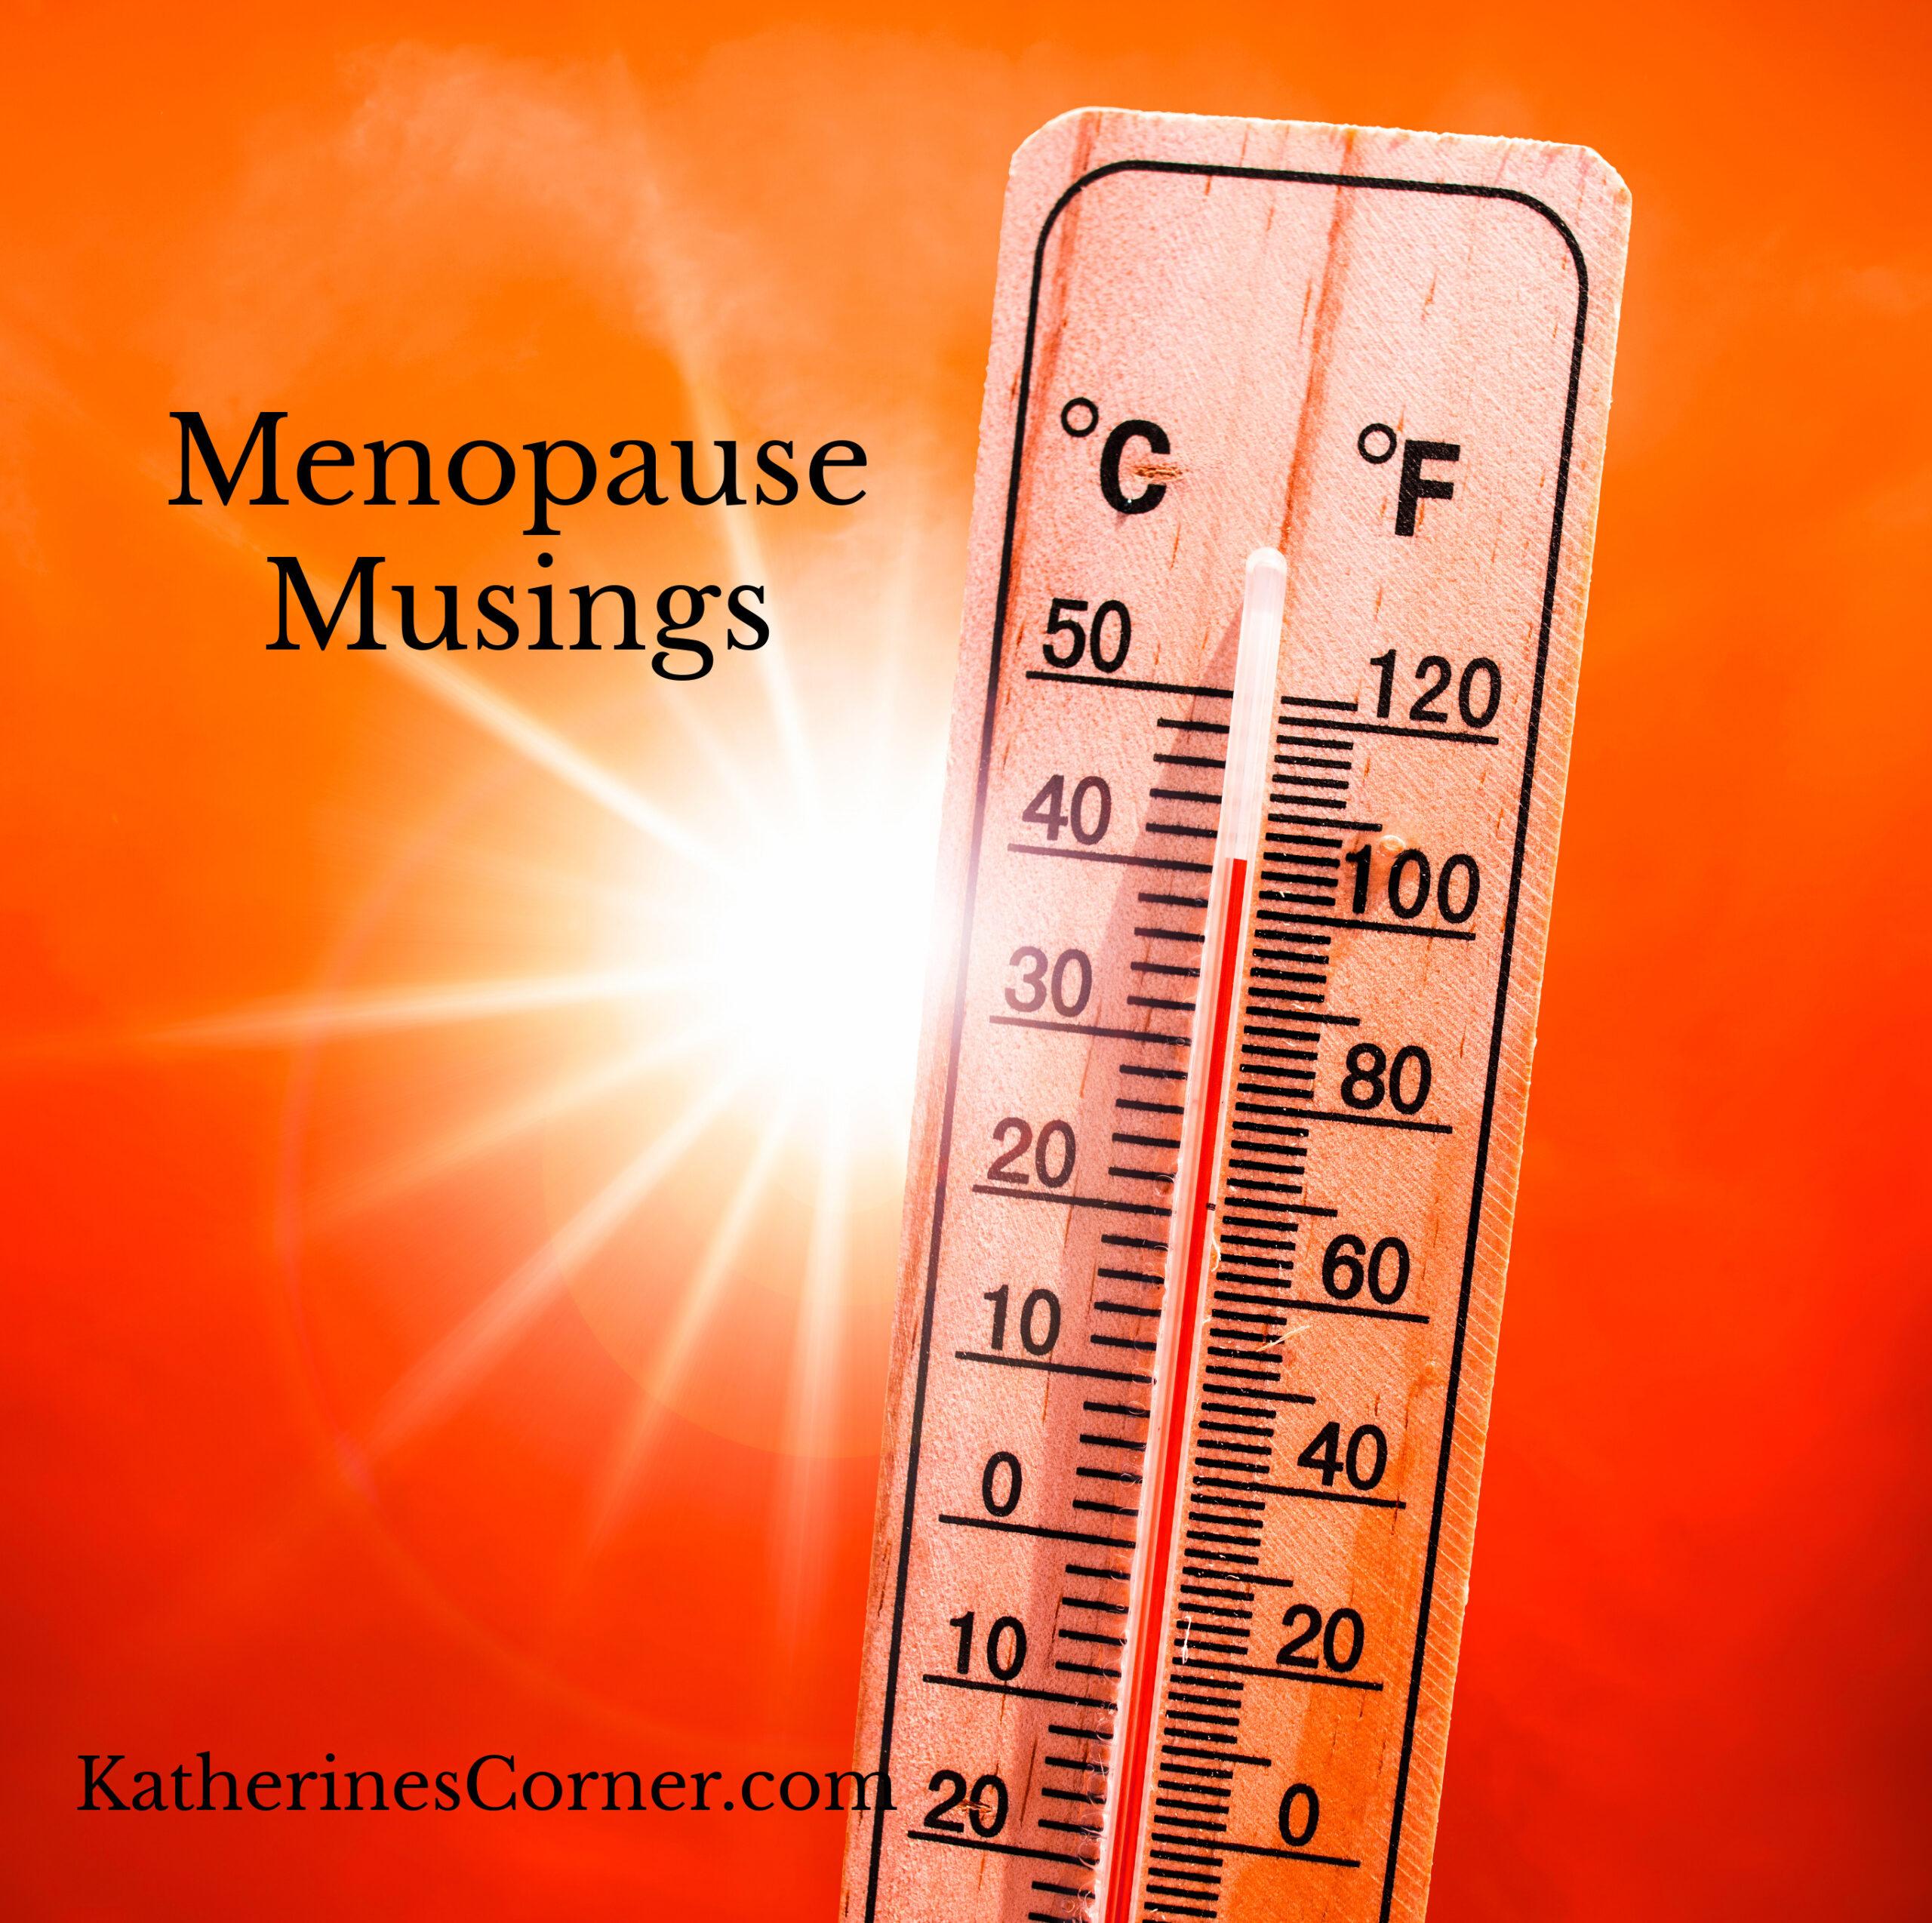 Menopause Musings